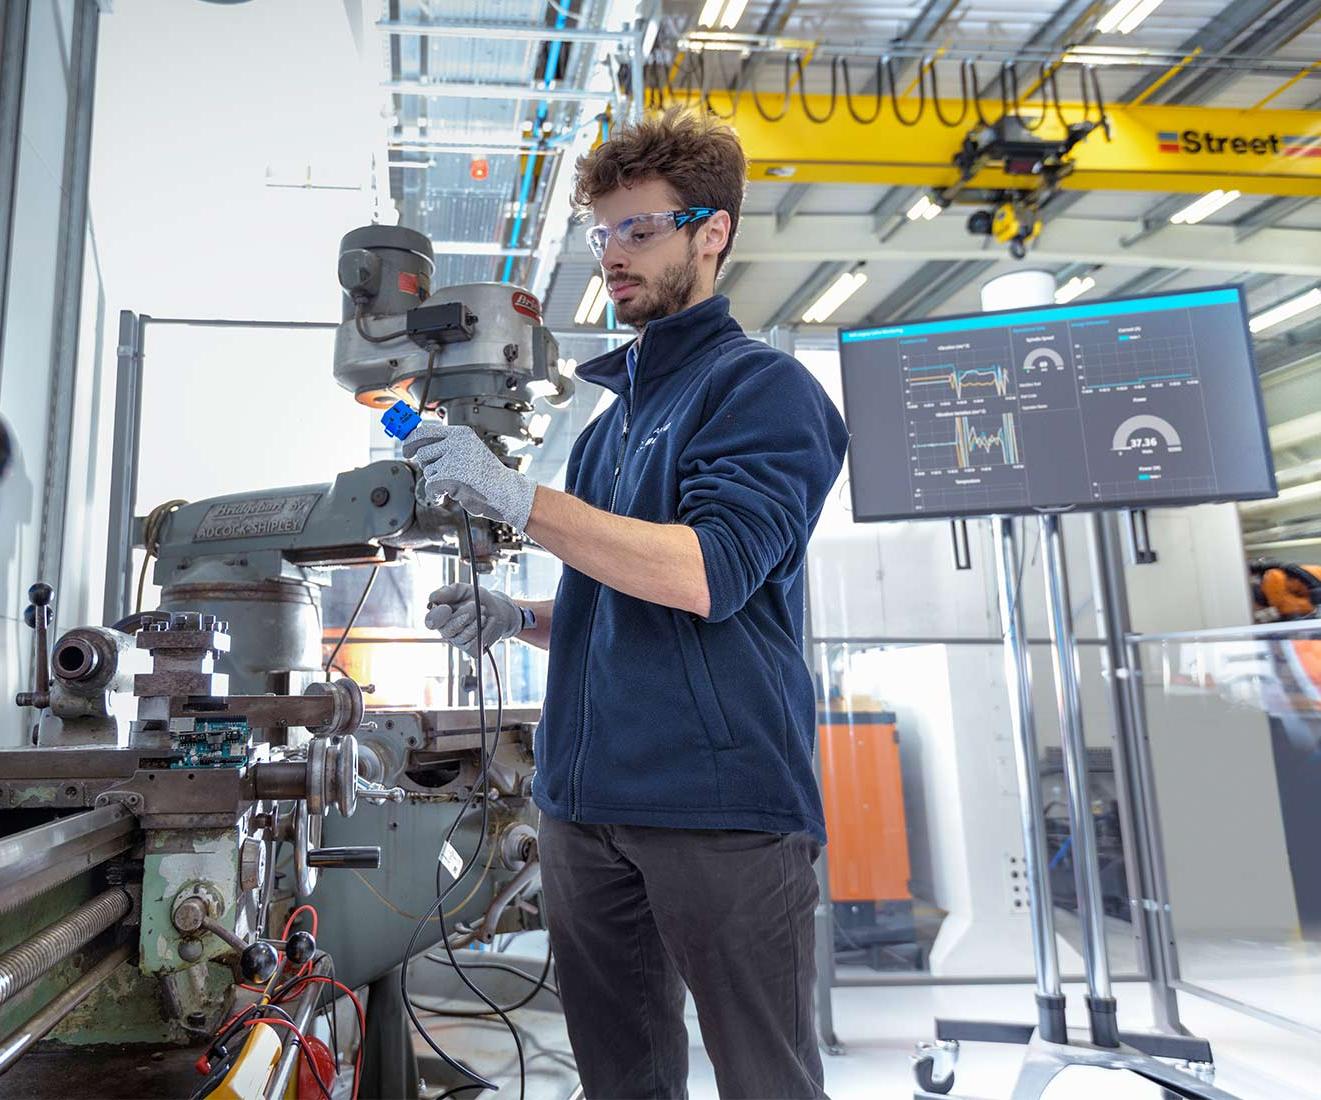 Investigadores del Centro de Investigación de Manufactura Avanzada (AMRC) de la Universidad de Sheffield demostraron que con una moderada inversión es posible digitalizar máquinas-herramienta heredadas.Foto:AMRC